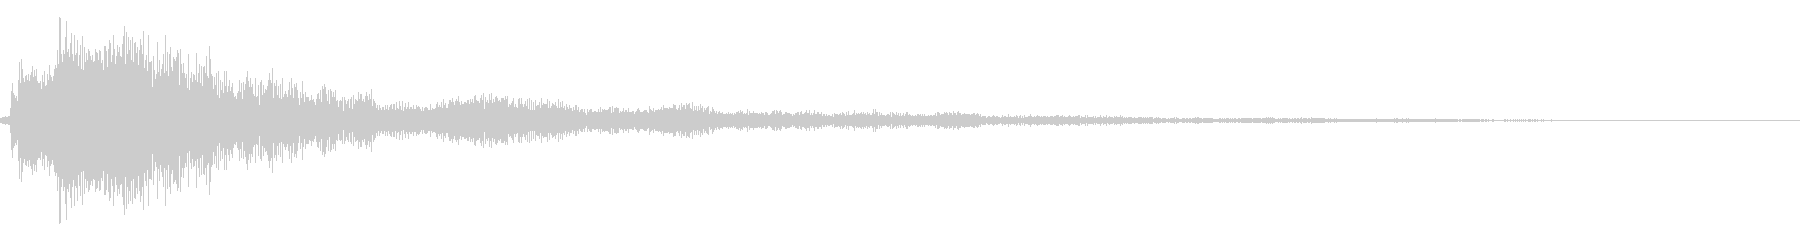 シンプルな決定/ボタン/クリック音34cの未再生の波形